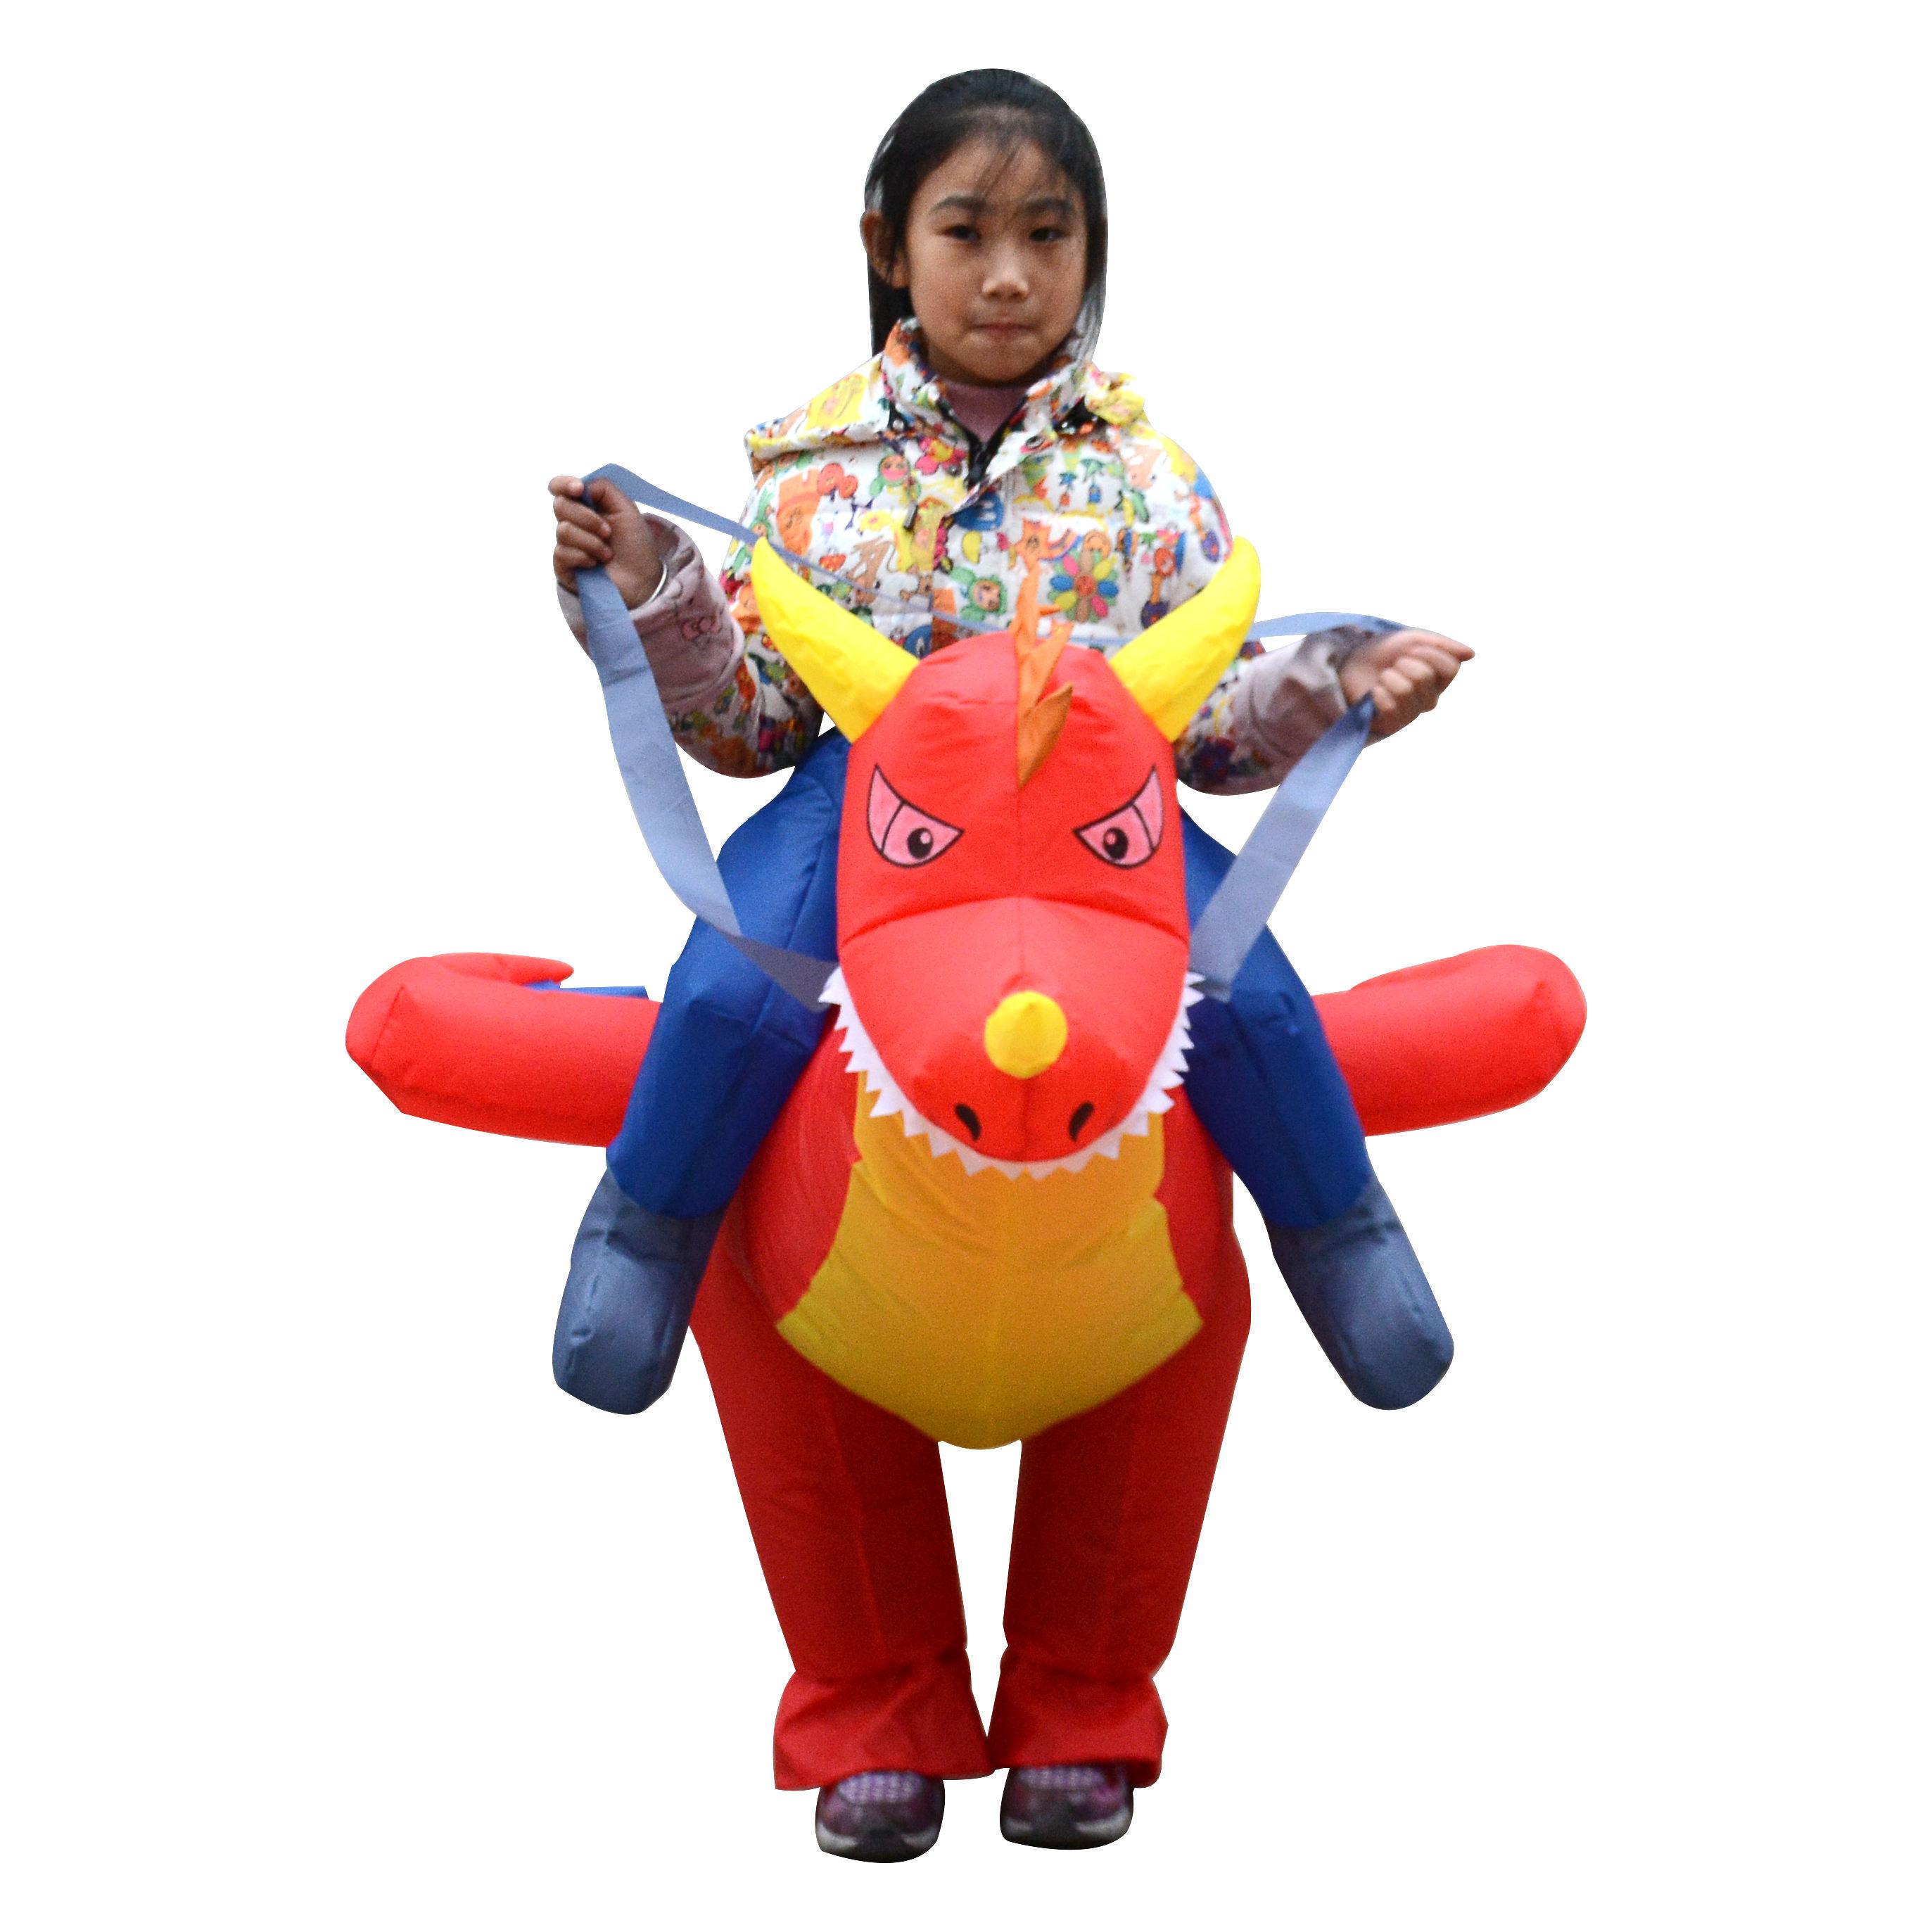 China Animals Inflatables, China Animals Inflatables Manufac